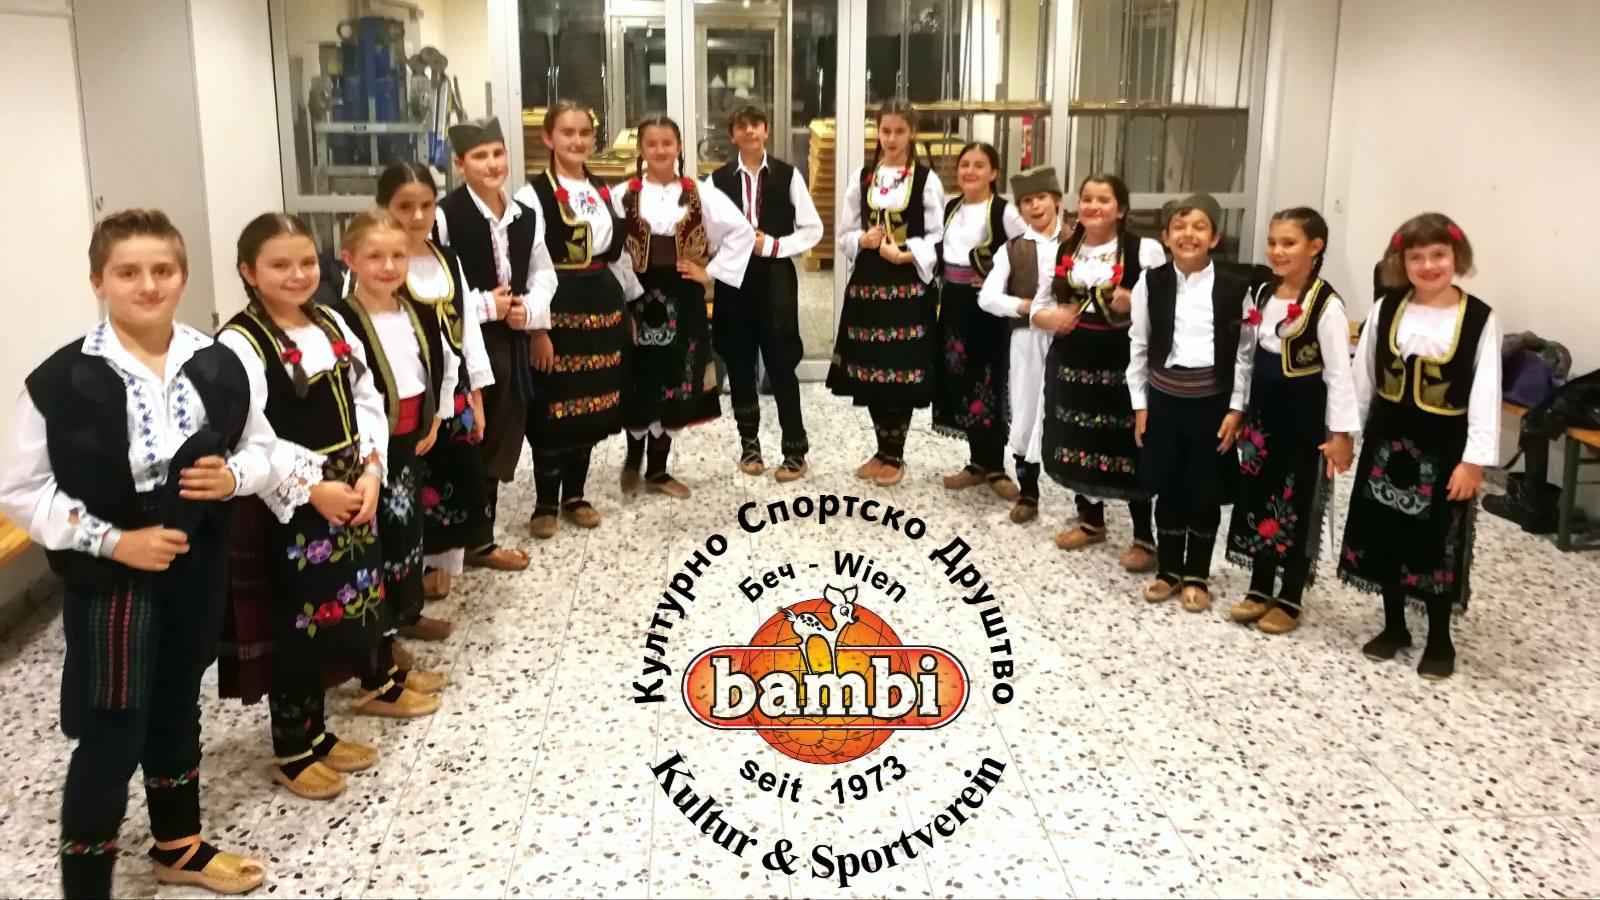 Kulturno-sportsko društvo Bambi raste 45 godina 13836